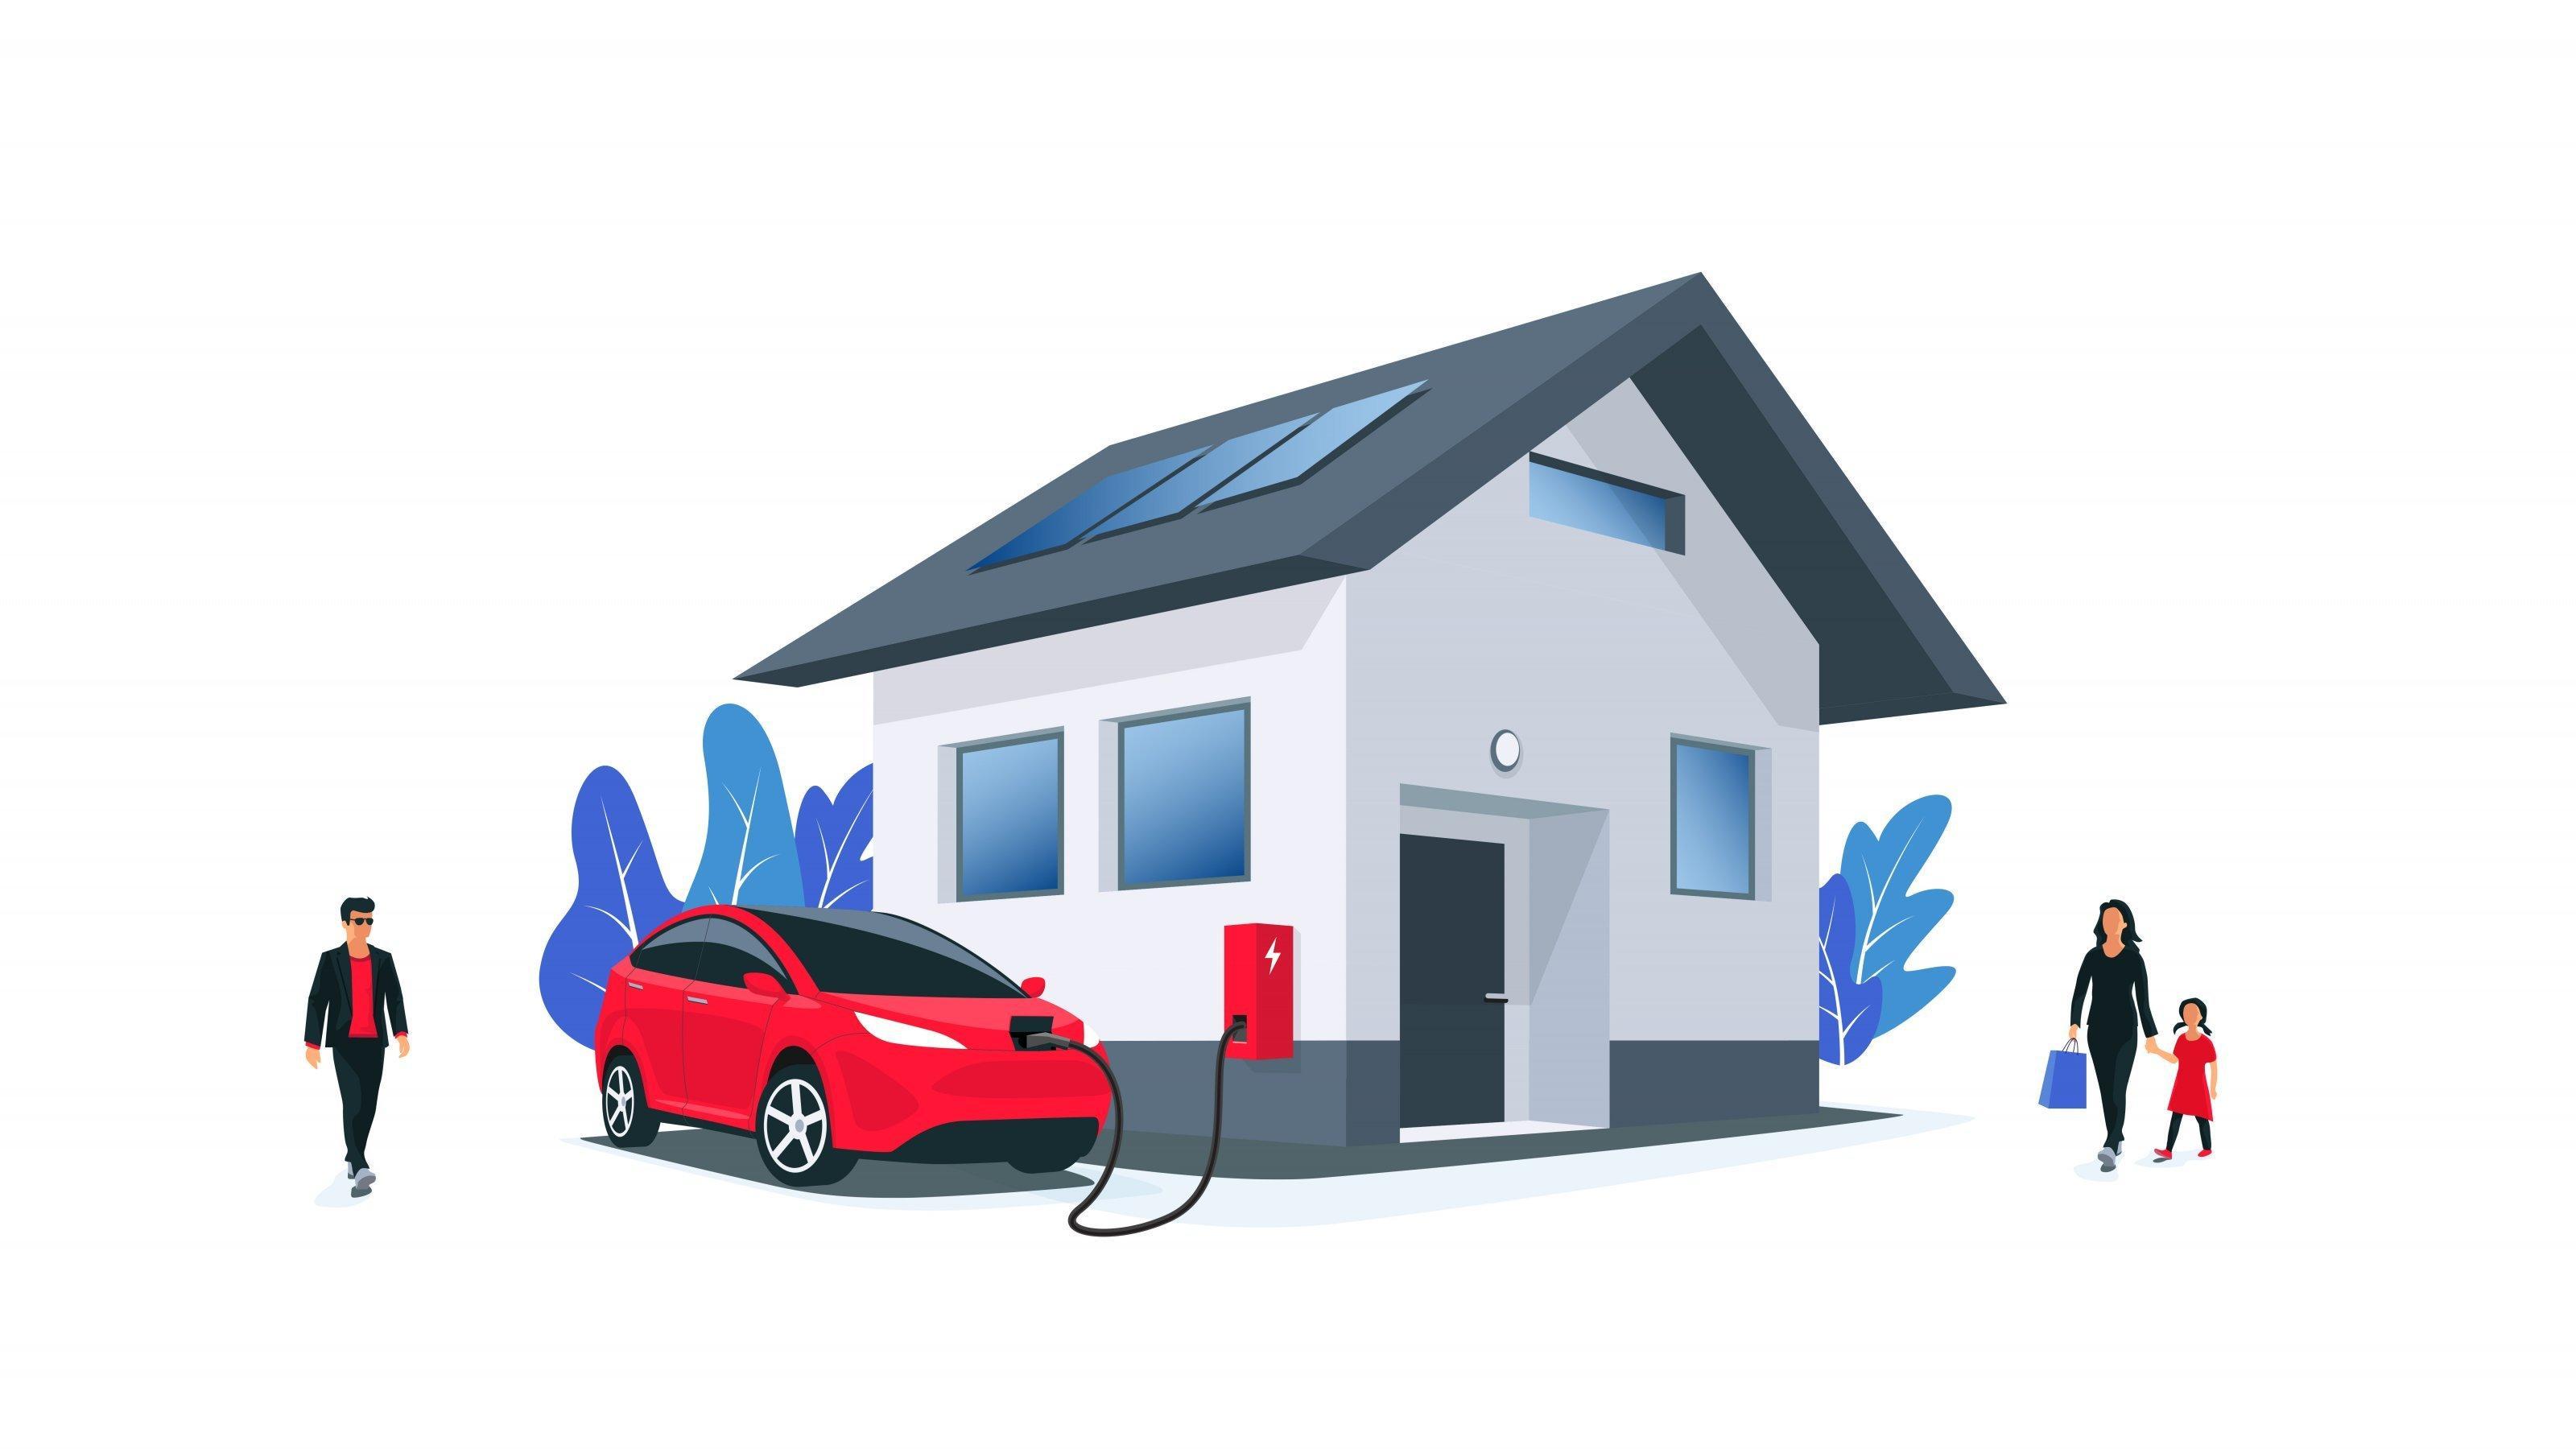 Ein Elektroauto parkt vor einem Haus und lädt an einer Wallbox Strom. Auf dem Dach des Hauses sind Solarpanels angebracht; vor dem Haus gehen Personen spazieren.